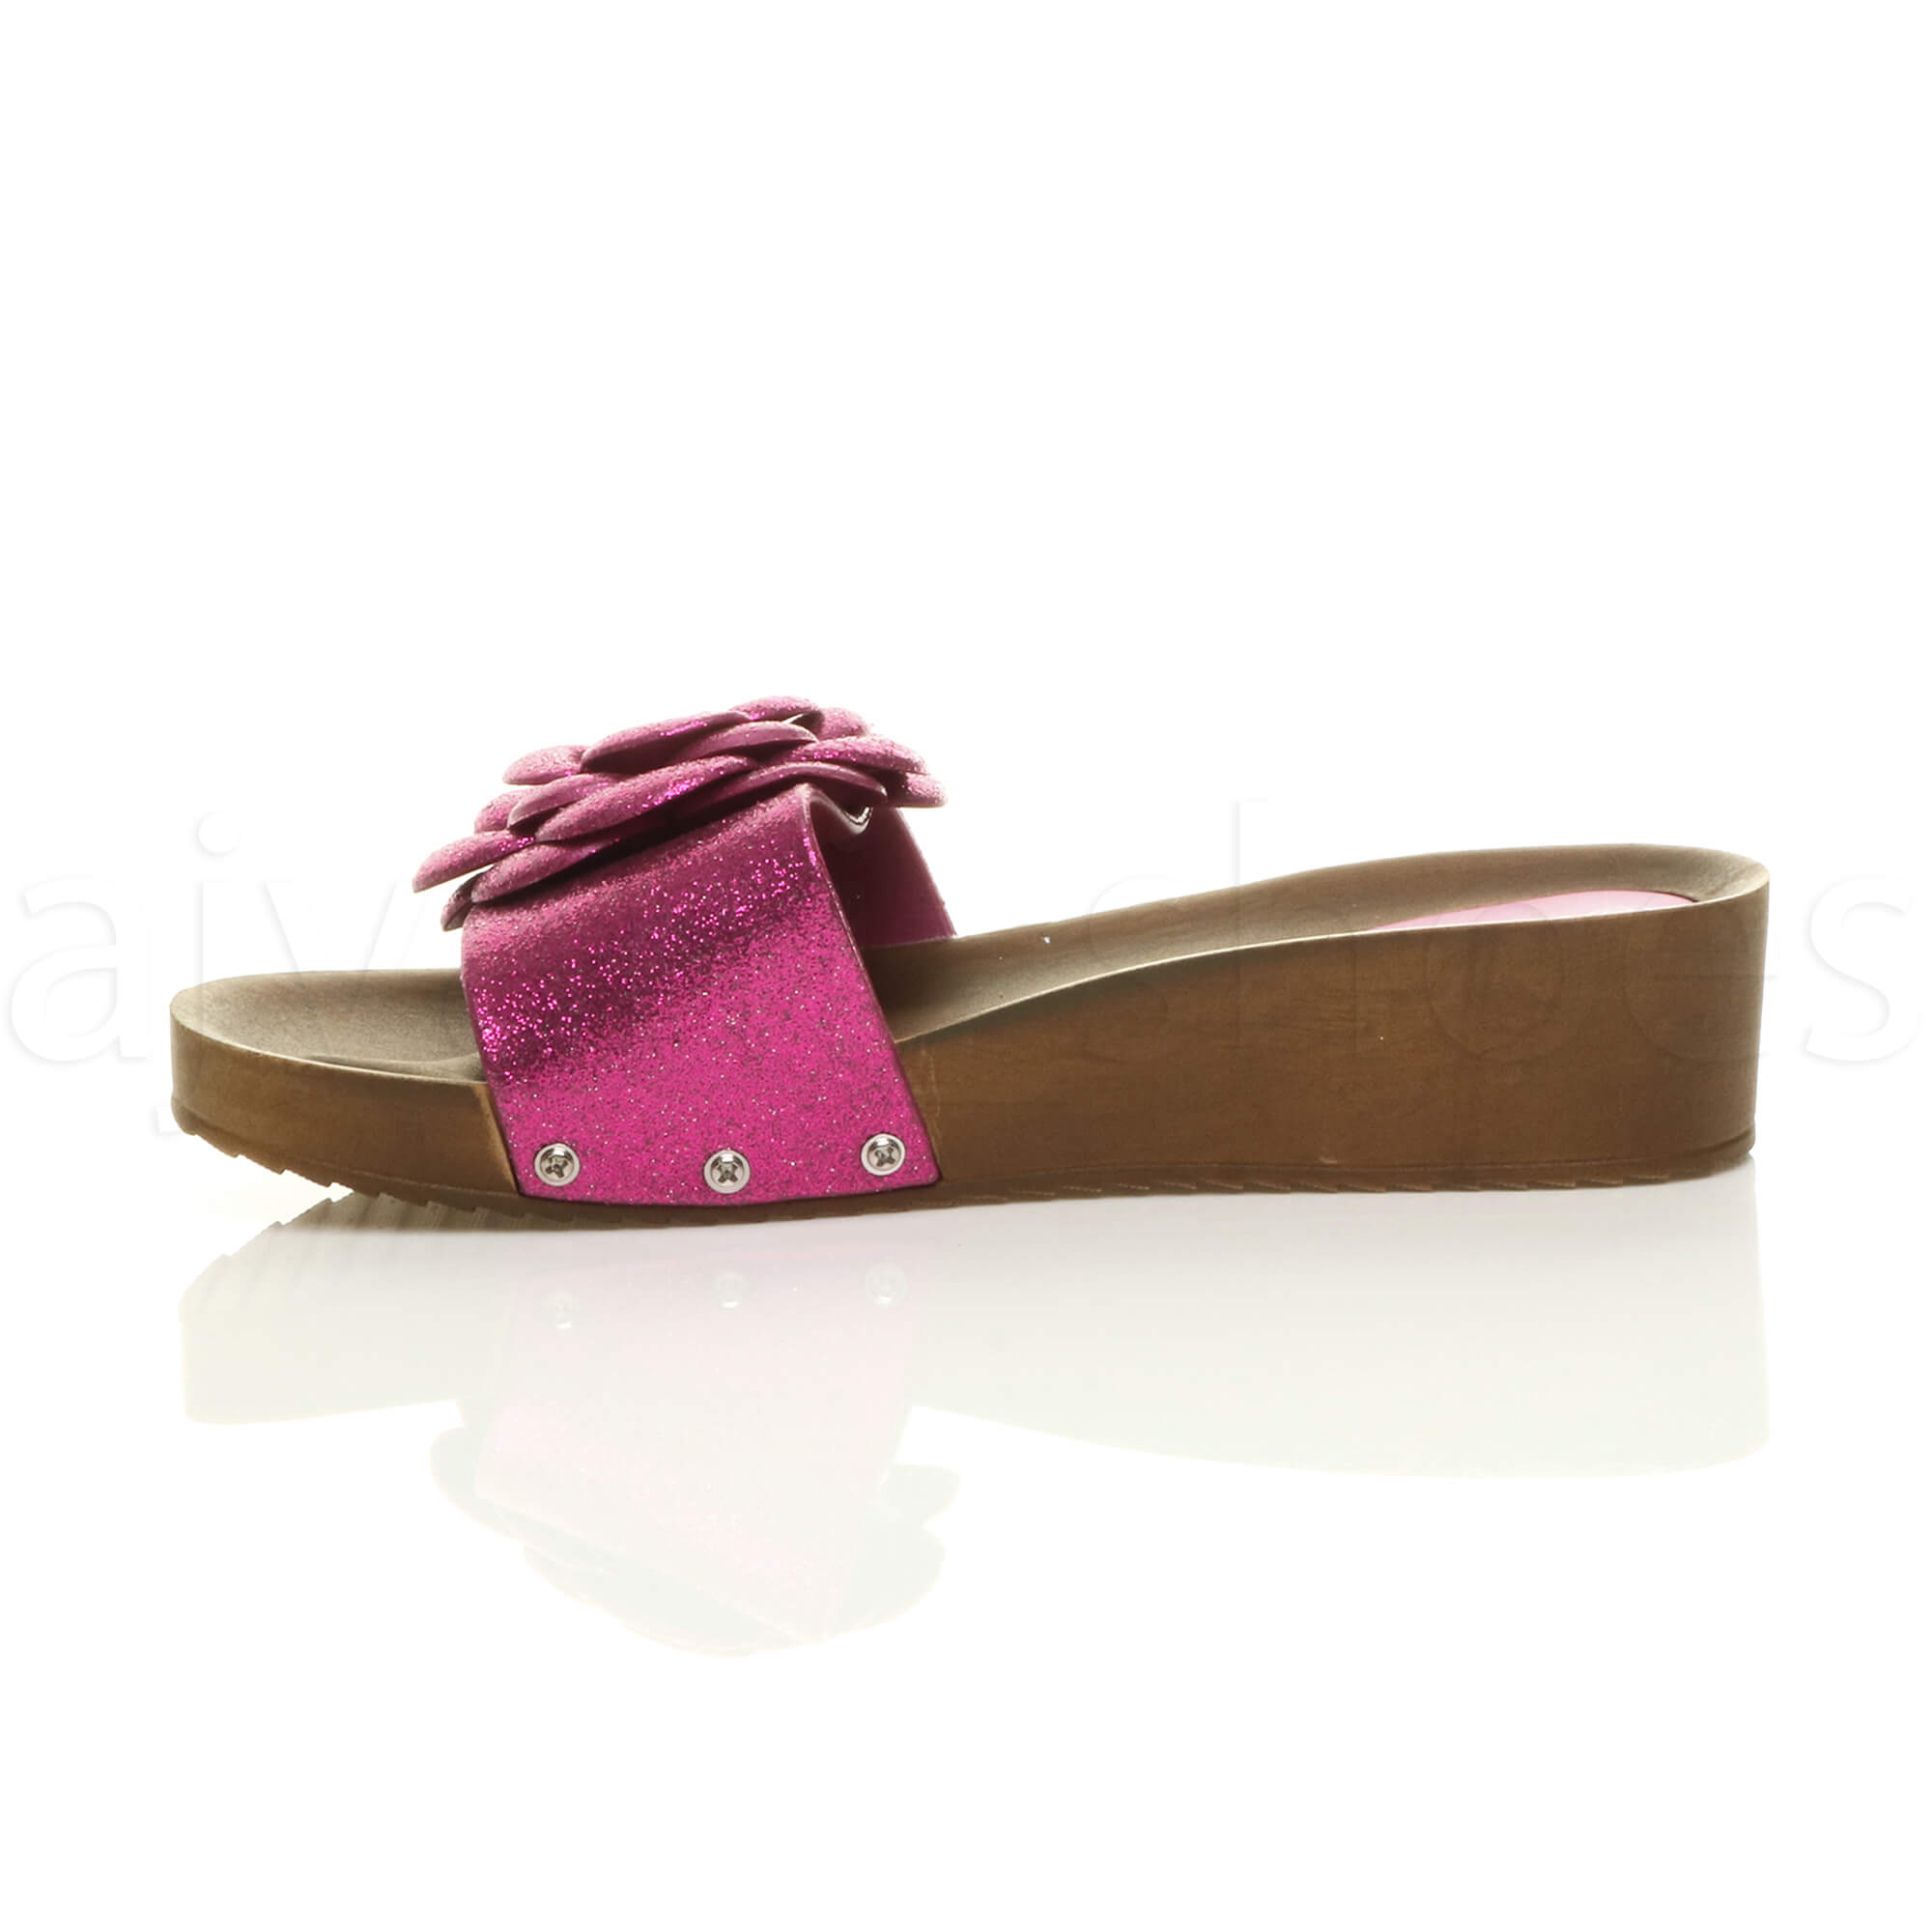 femmes talon moyen compens e paillettes fleur mules sandales claquettes pointure. Black Bedroom Furniture Sets. Home Design Ideas